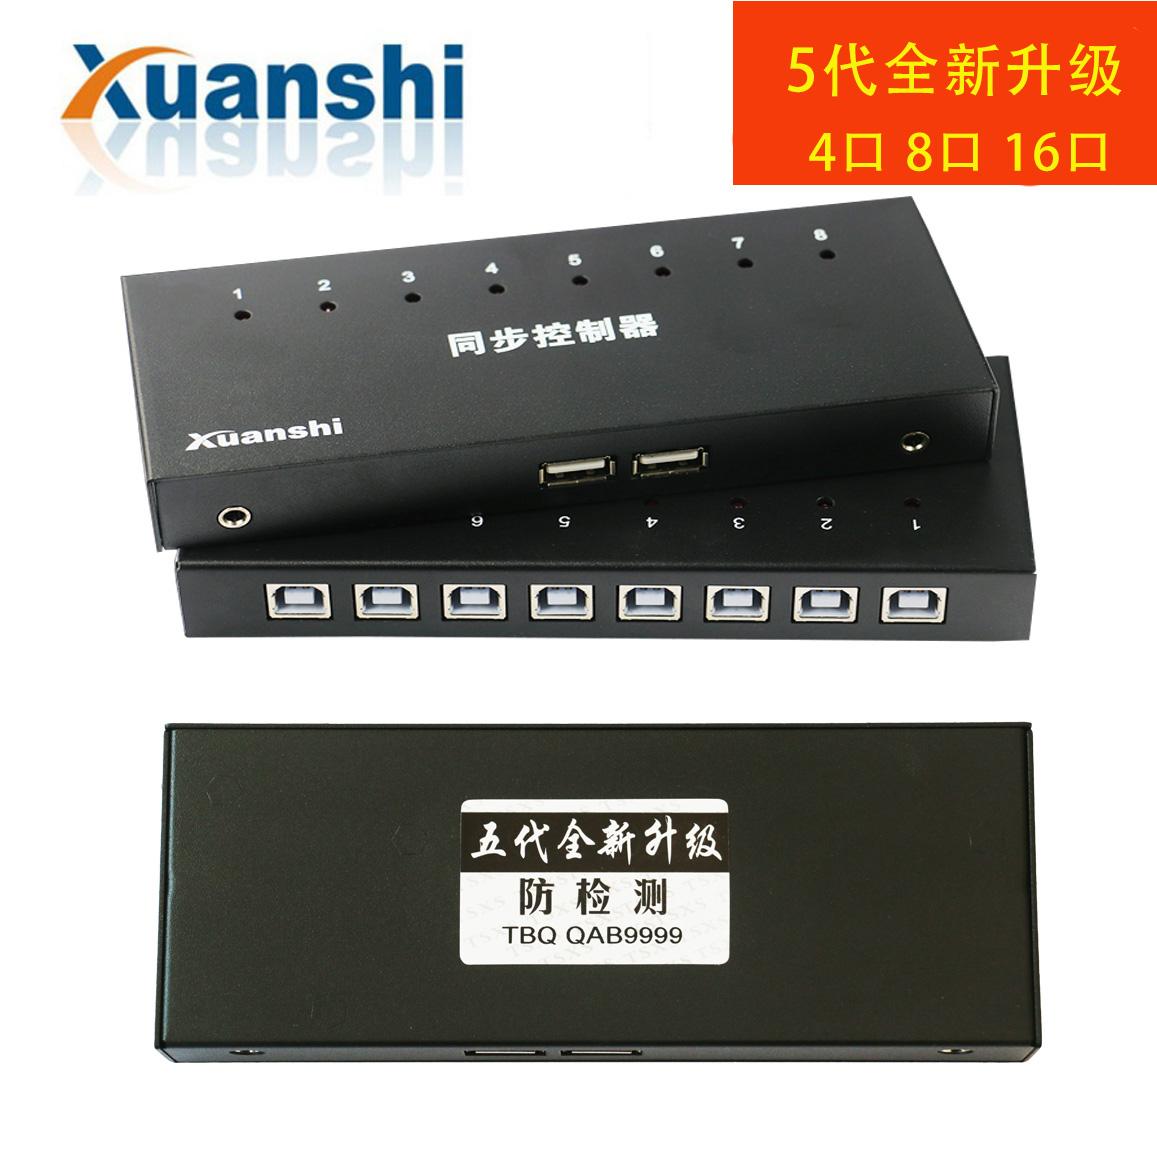 Таншань Сюаньши 5 поколение новый обновление Синхронизатор 4-портовый 8-портовый 16-портовый коммутатор KVM-игры dnf multi-open controller